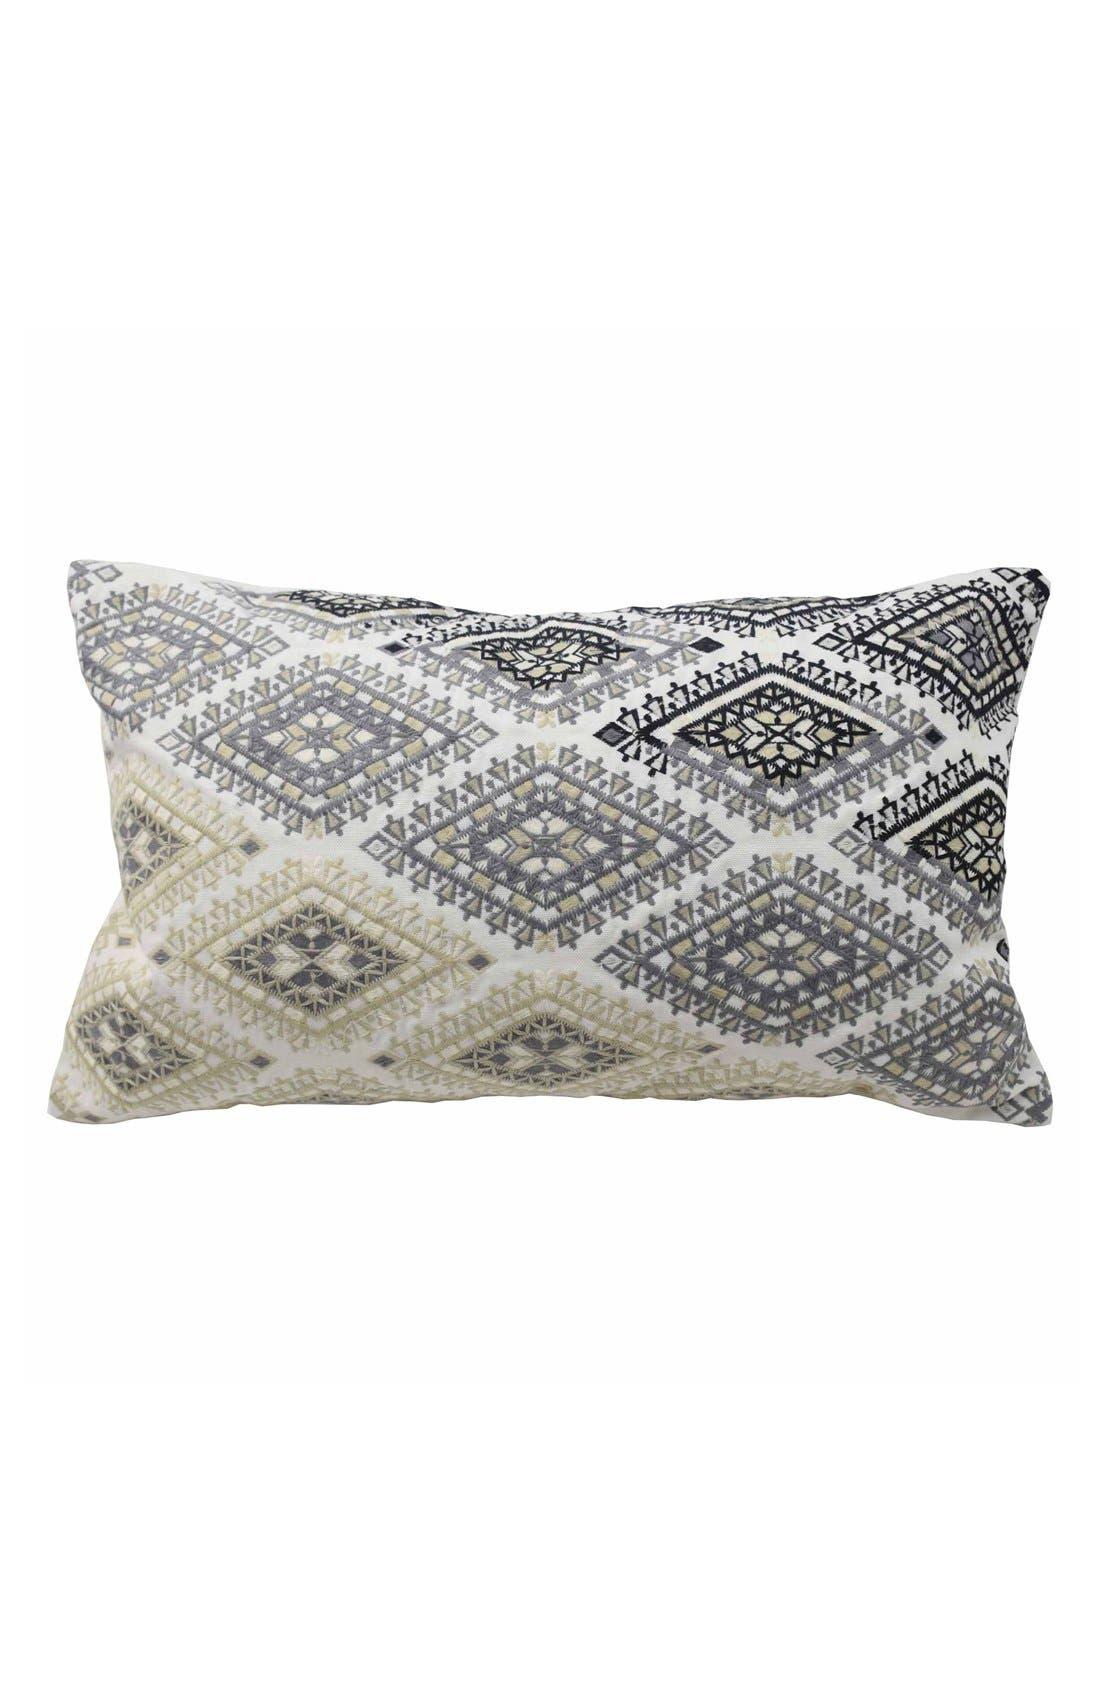 Blissliving Home 'Khadija' Pillow